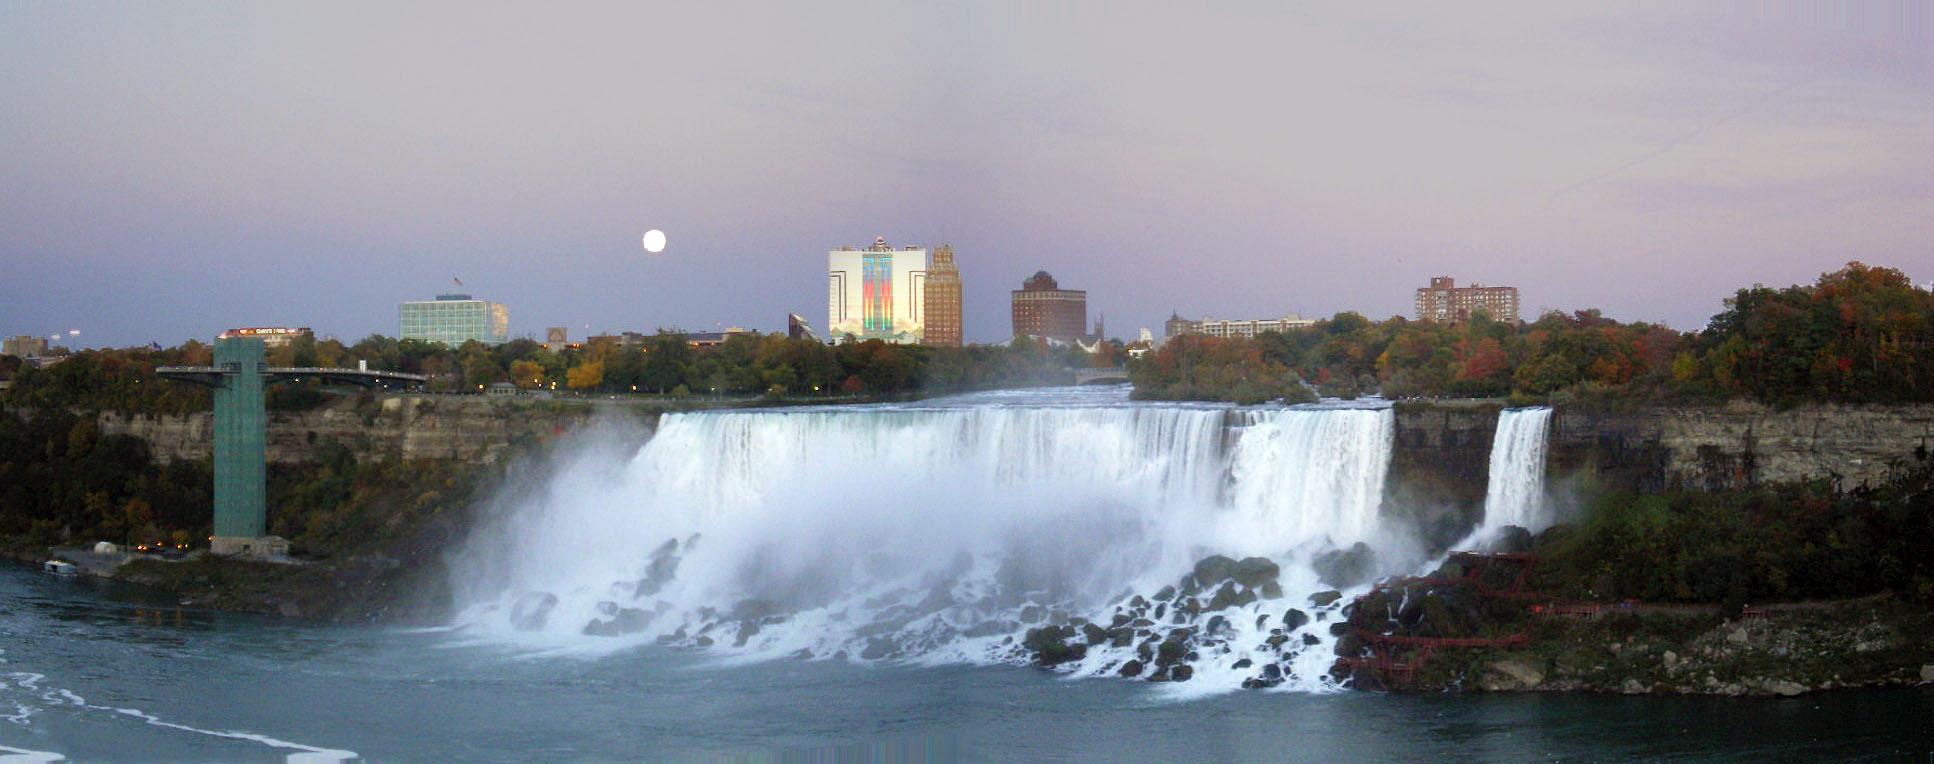 Ontario_en_Automne(NiagaraFalls_USA_side)